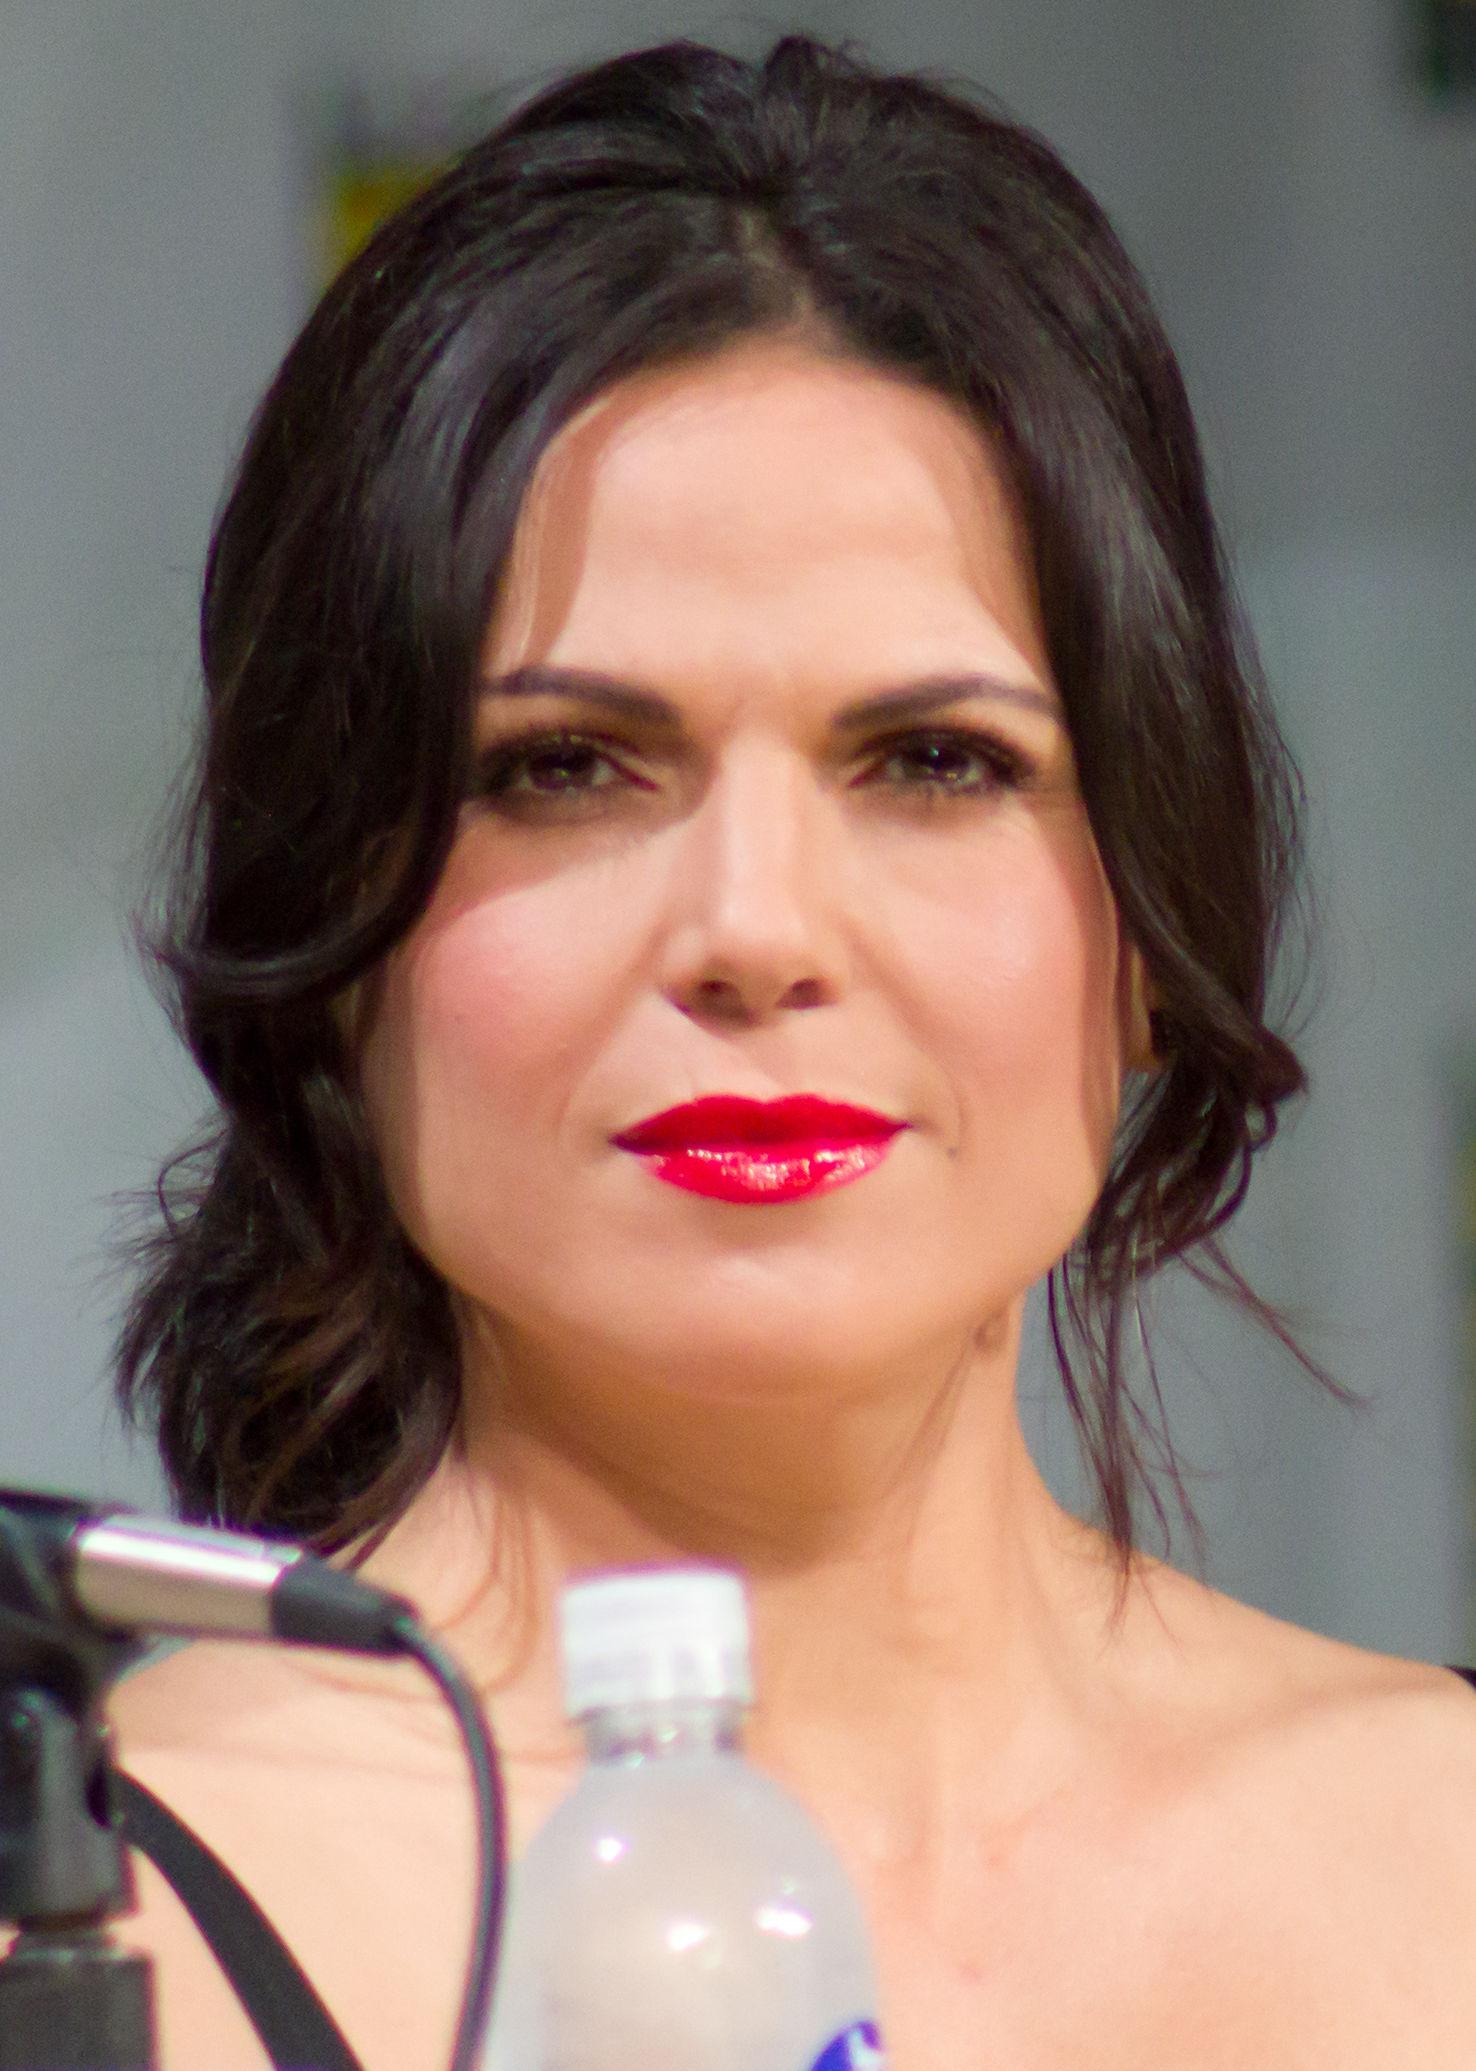 Photo of Lana Parrilla: American actress